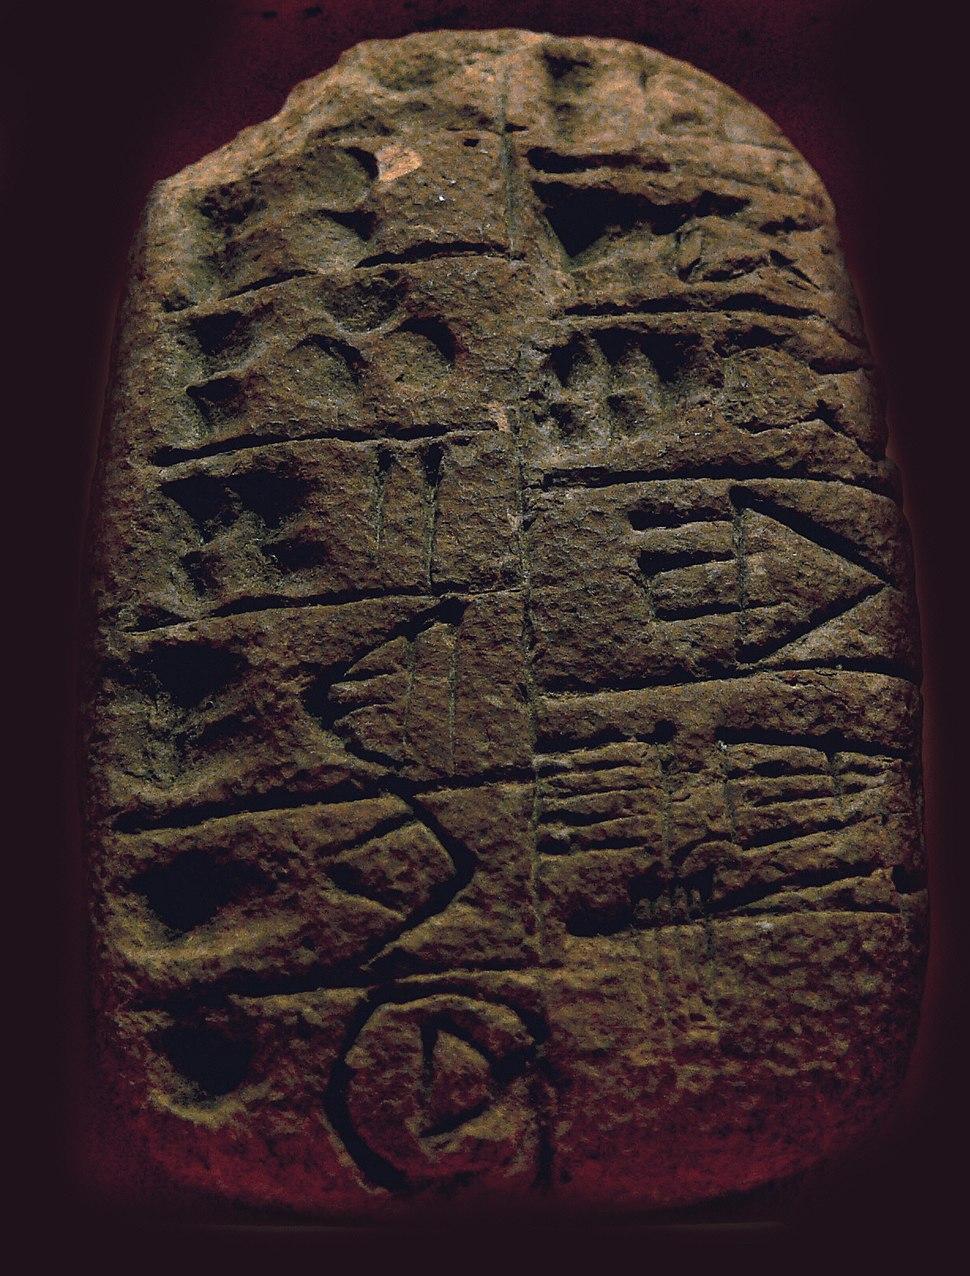 Tontäfelchen Mesopotamien 3200vChr 2